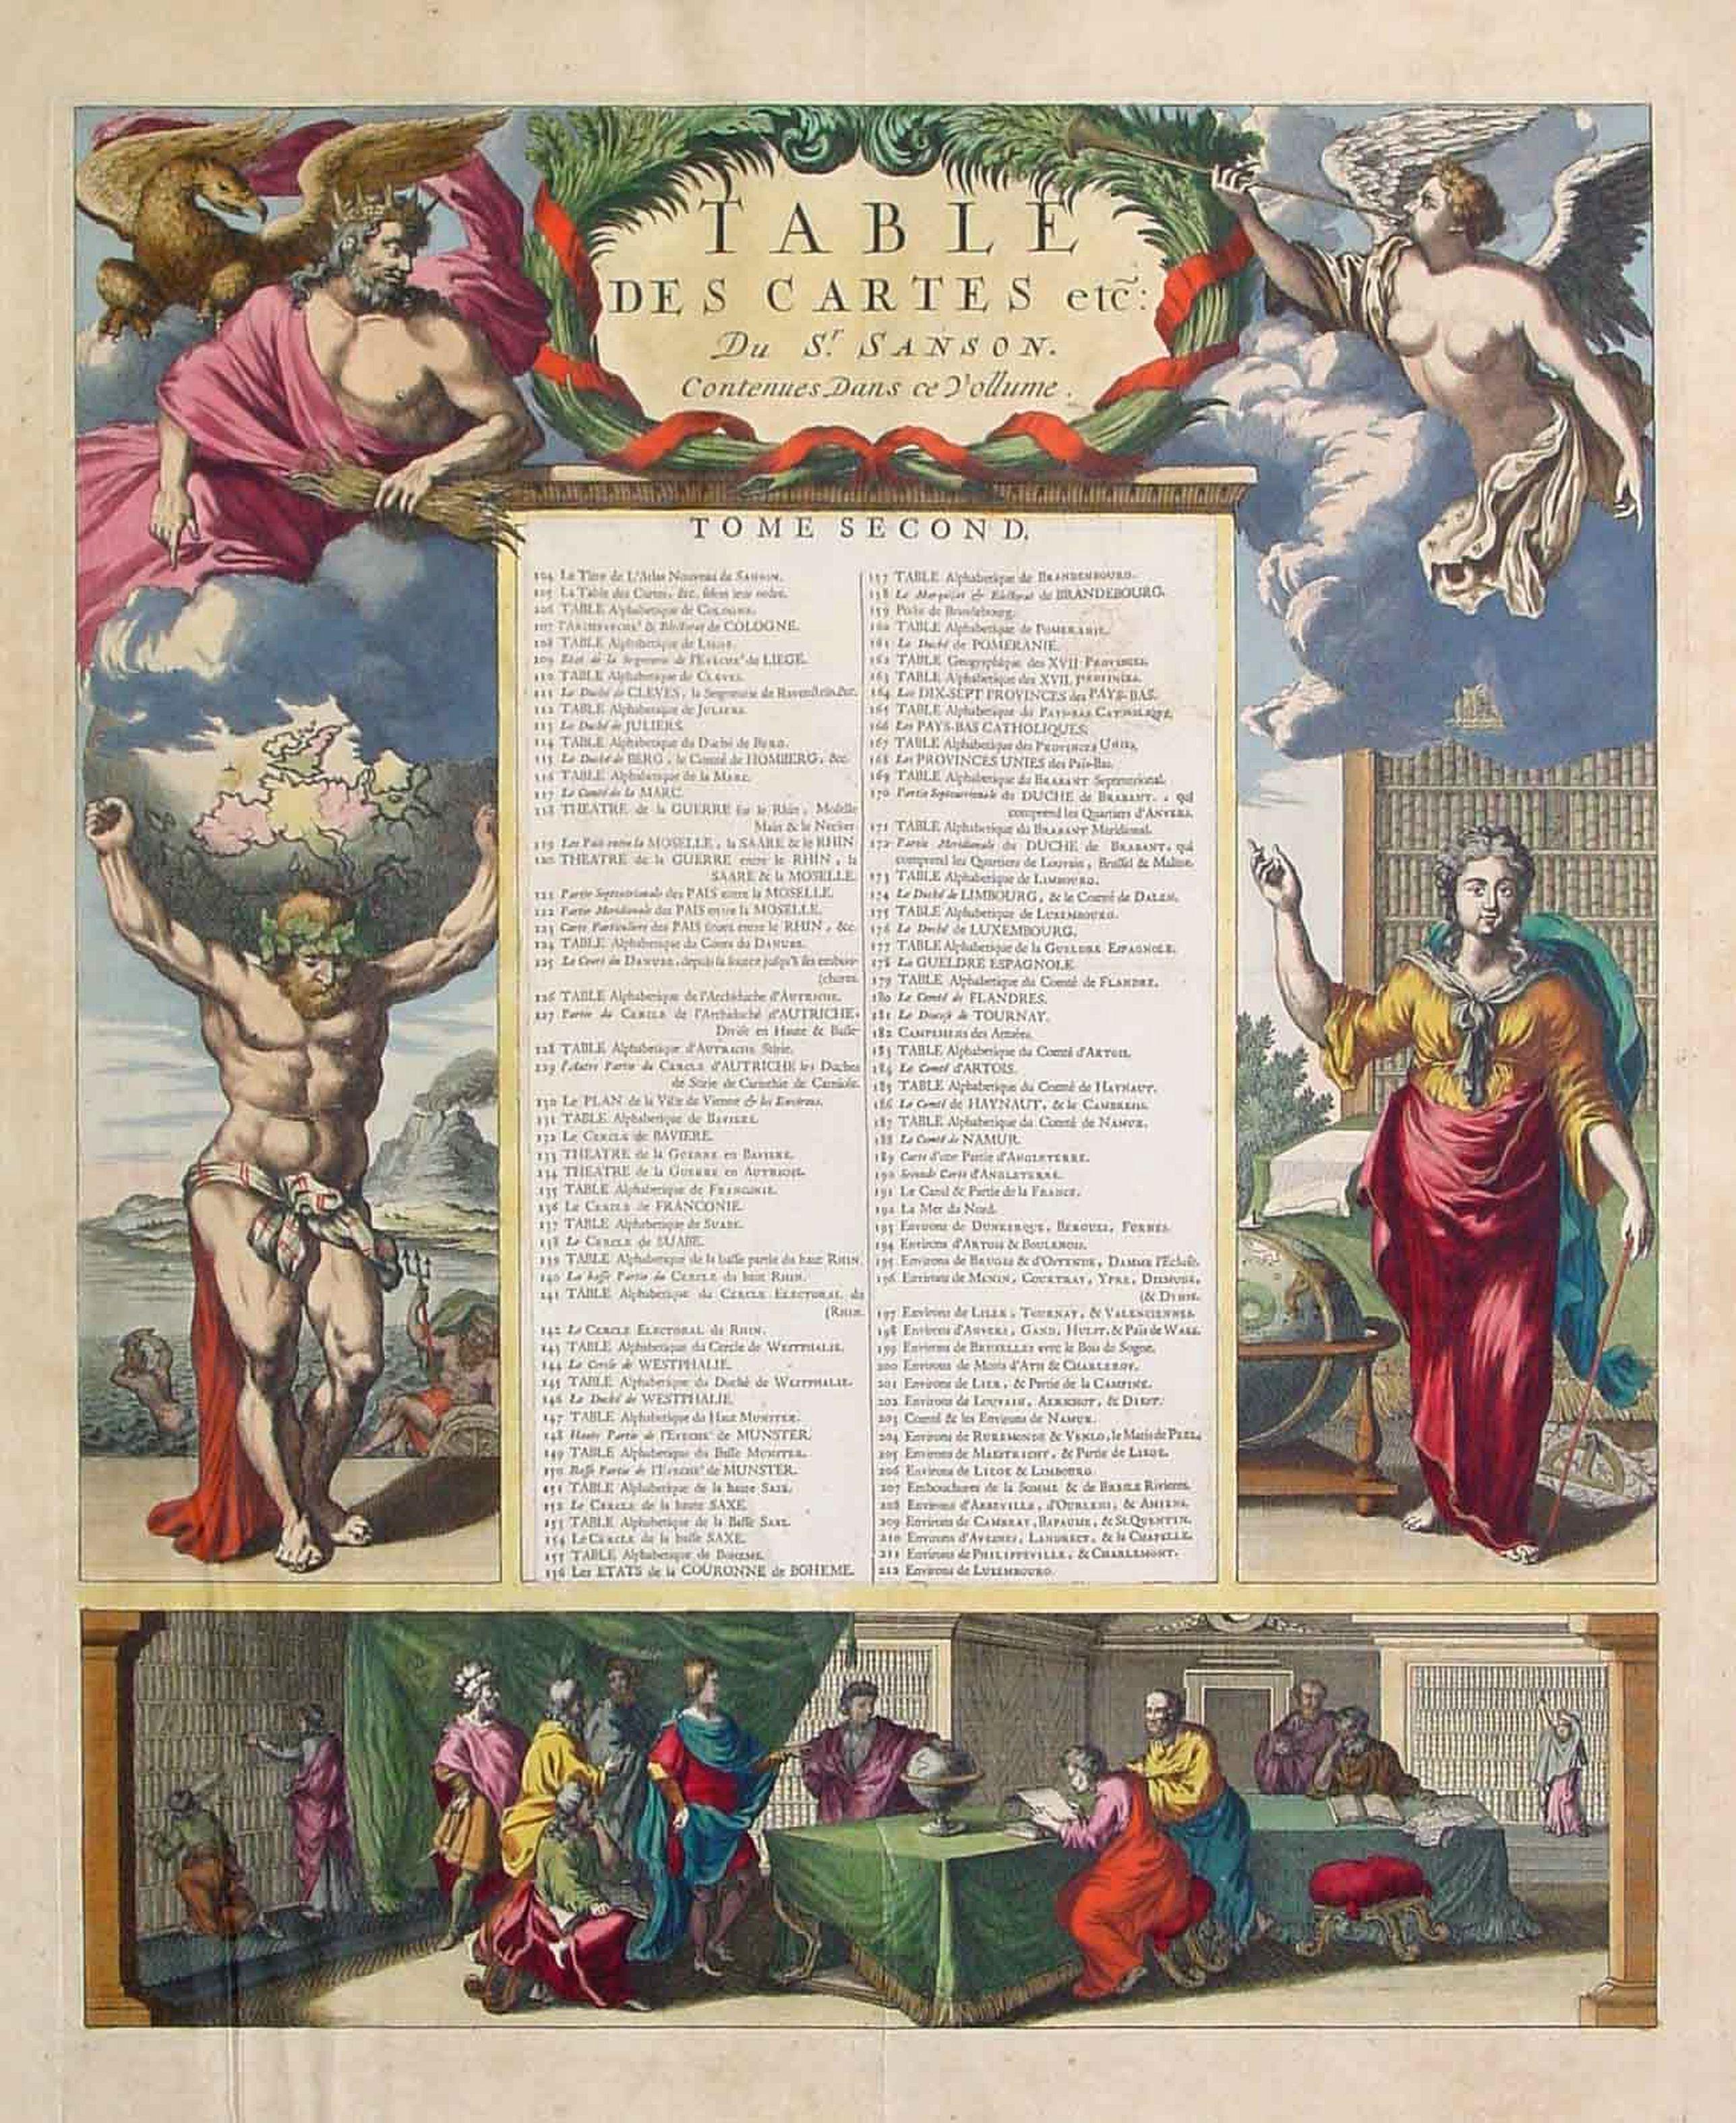 SANSON, N. / MORTIER, P. -  (Title page) Table Des Cartes etc: Du Sr. Sanson..